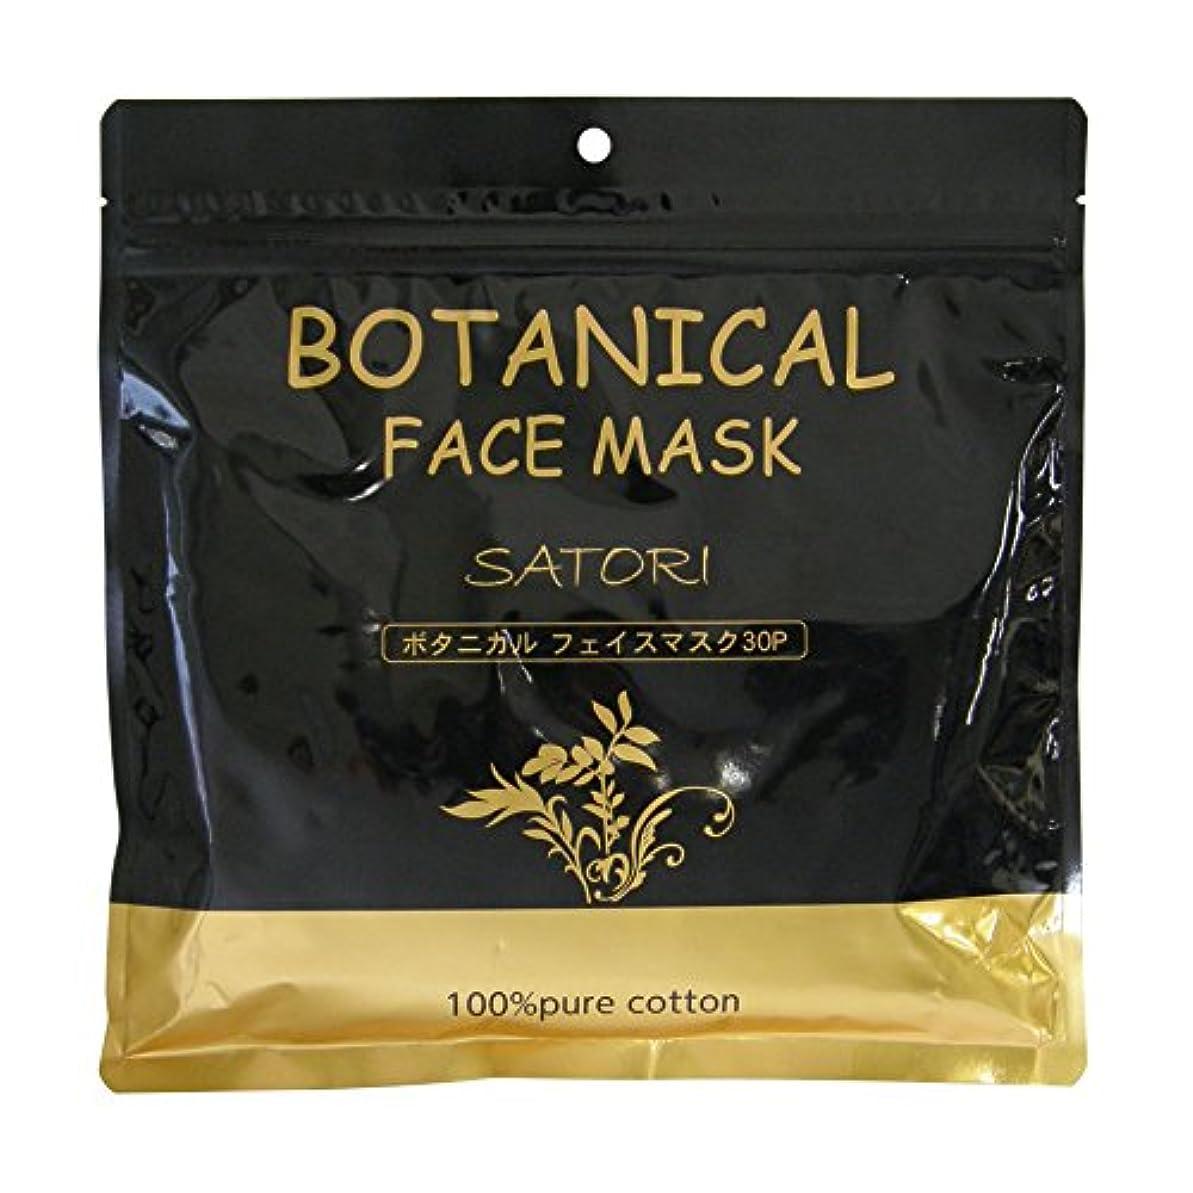 プレフィックスパイプライン悪夢ボタニカル フェイスマスク 30枚入